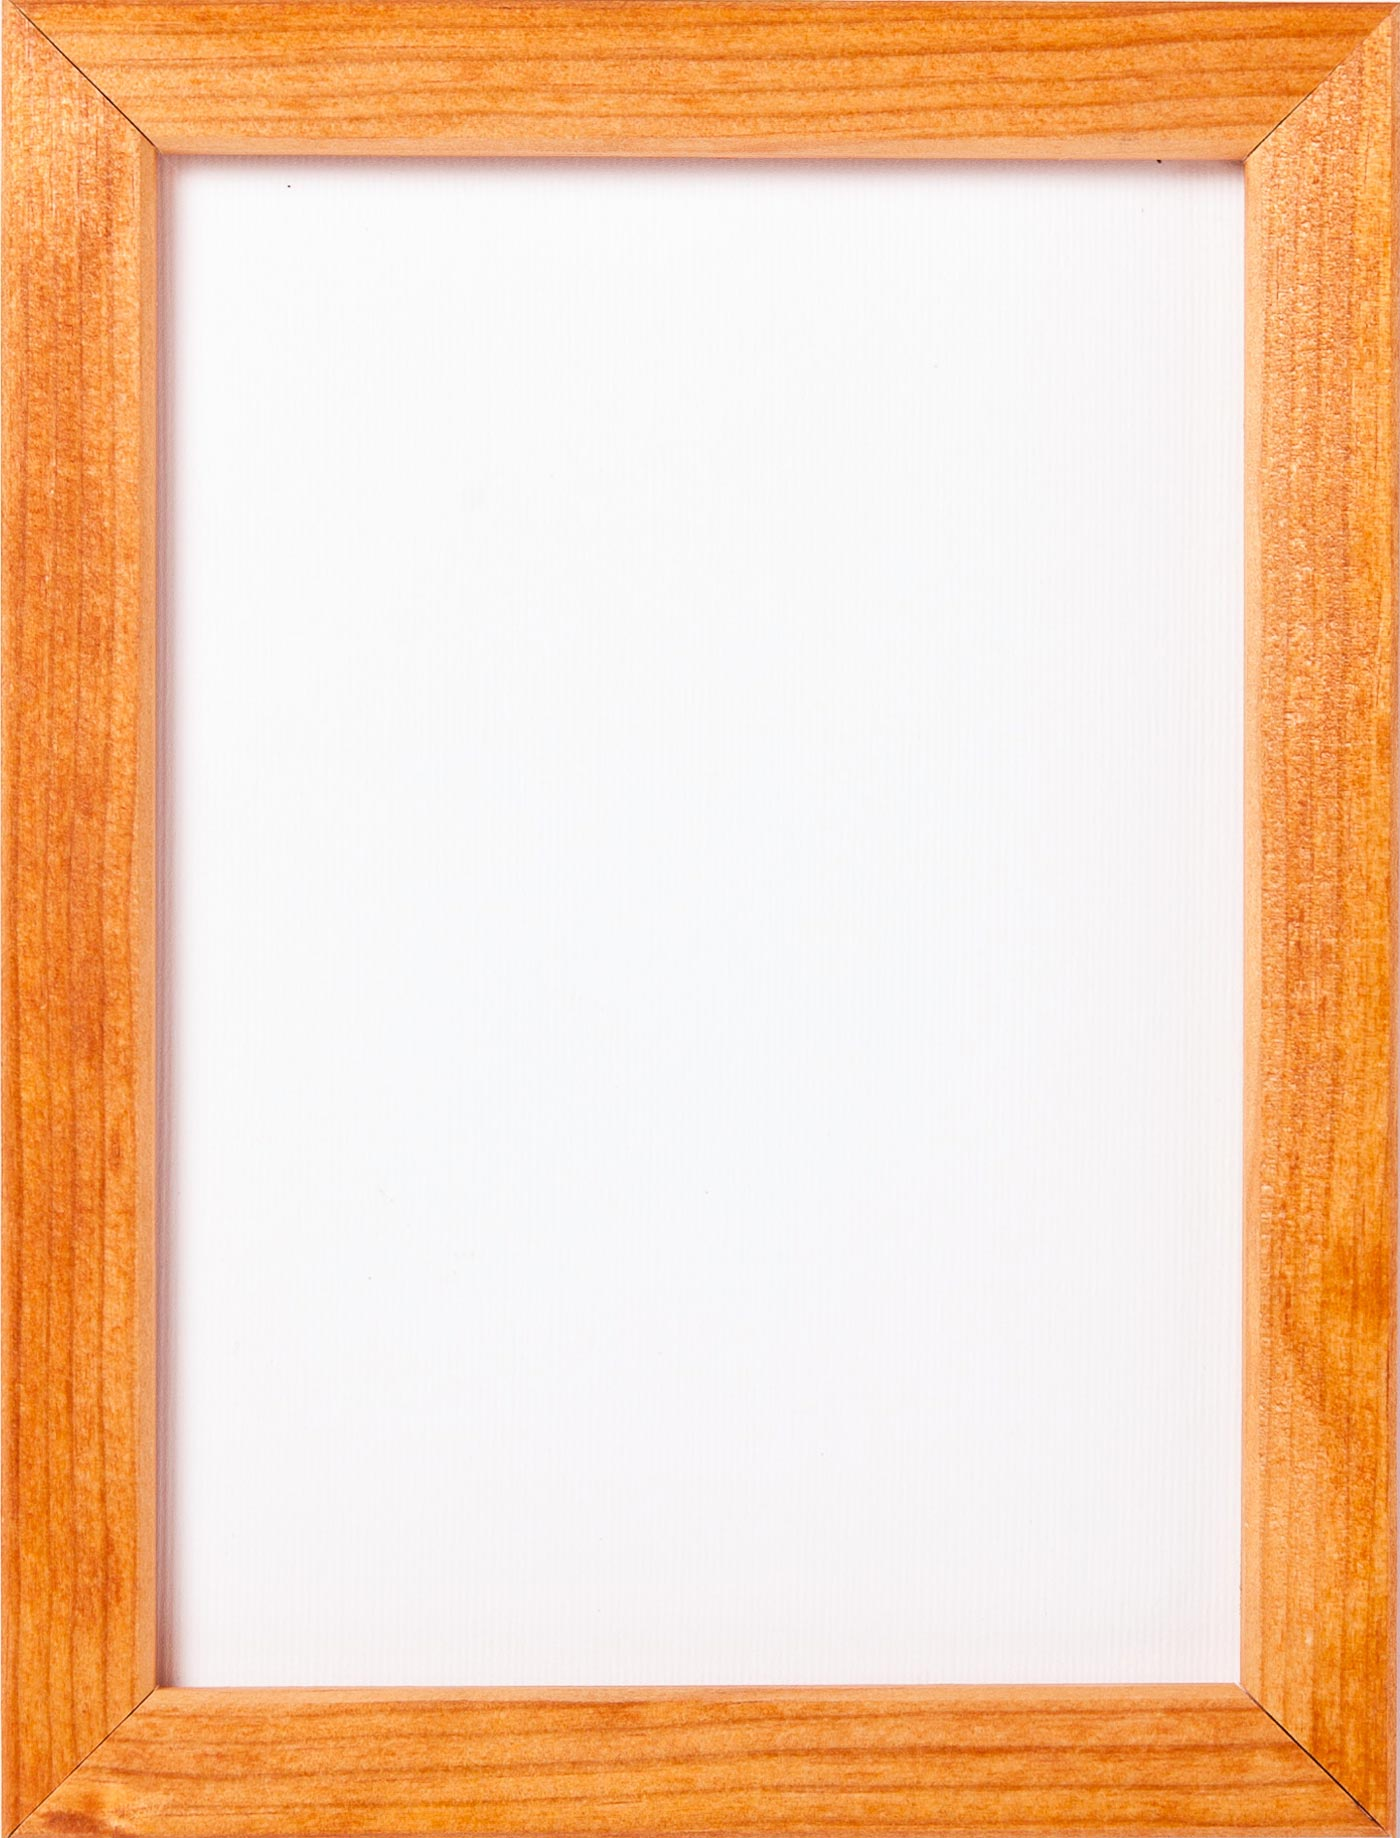 Marco fotos madera – Materiales para la renovación de la casa